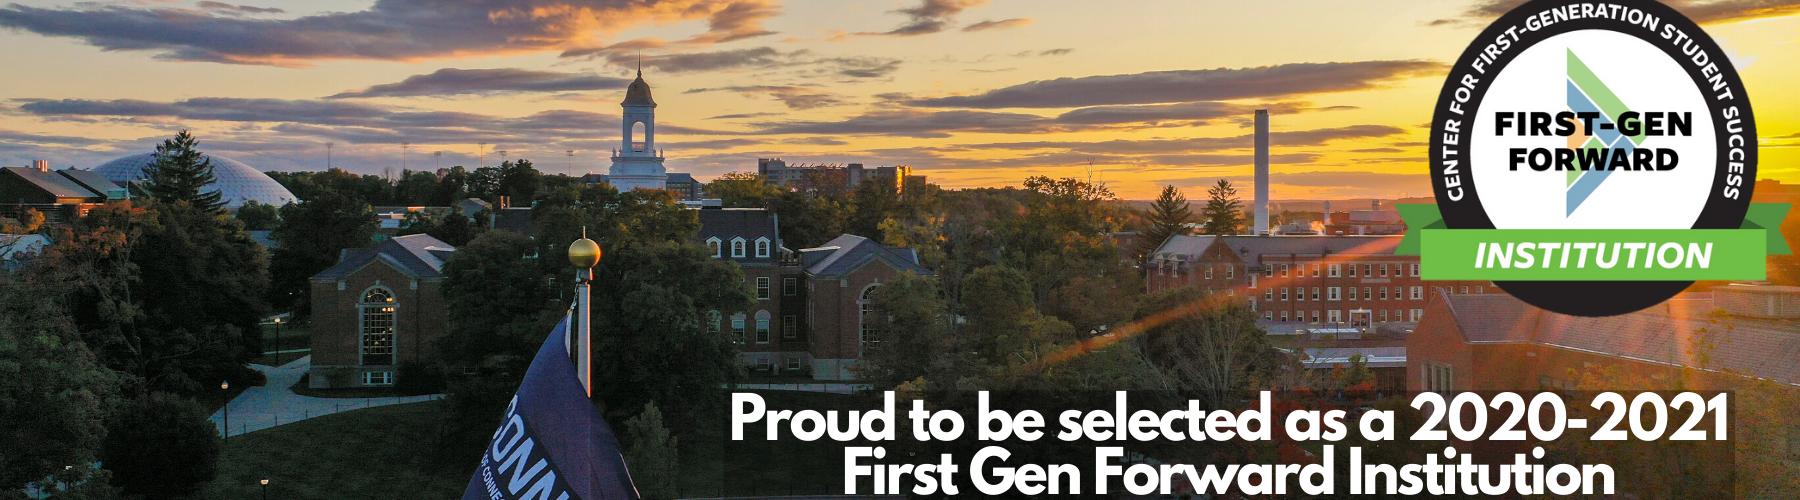 First Gen Forward